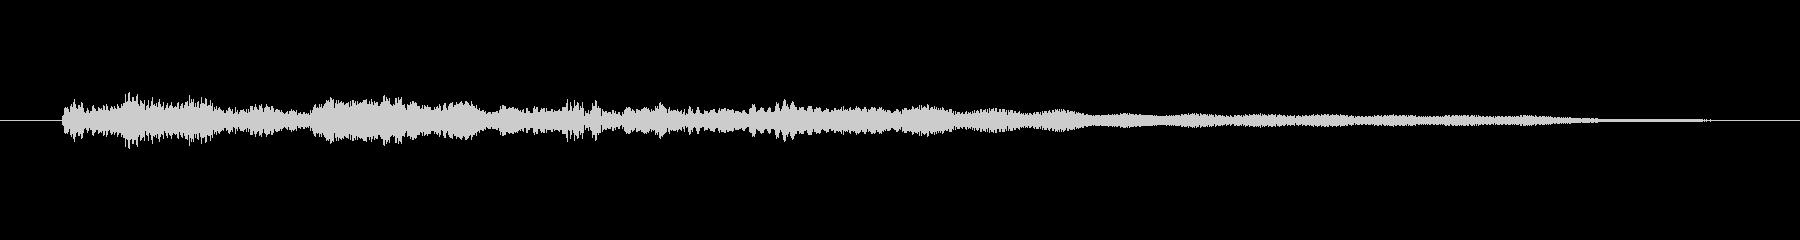 オシャレなジングル2の未再生の波形